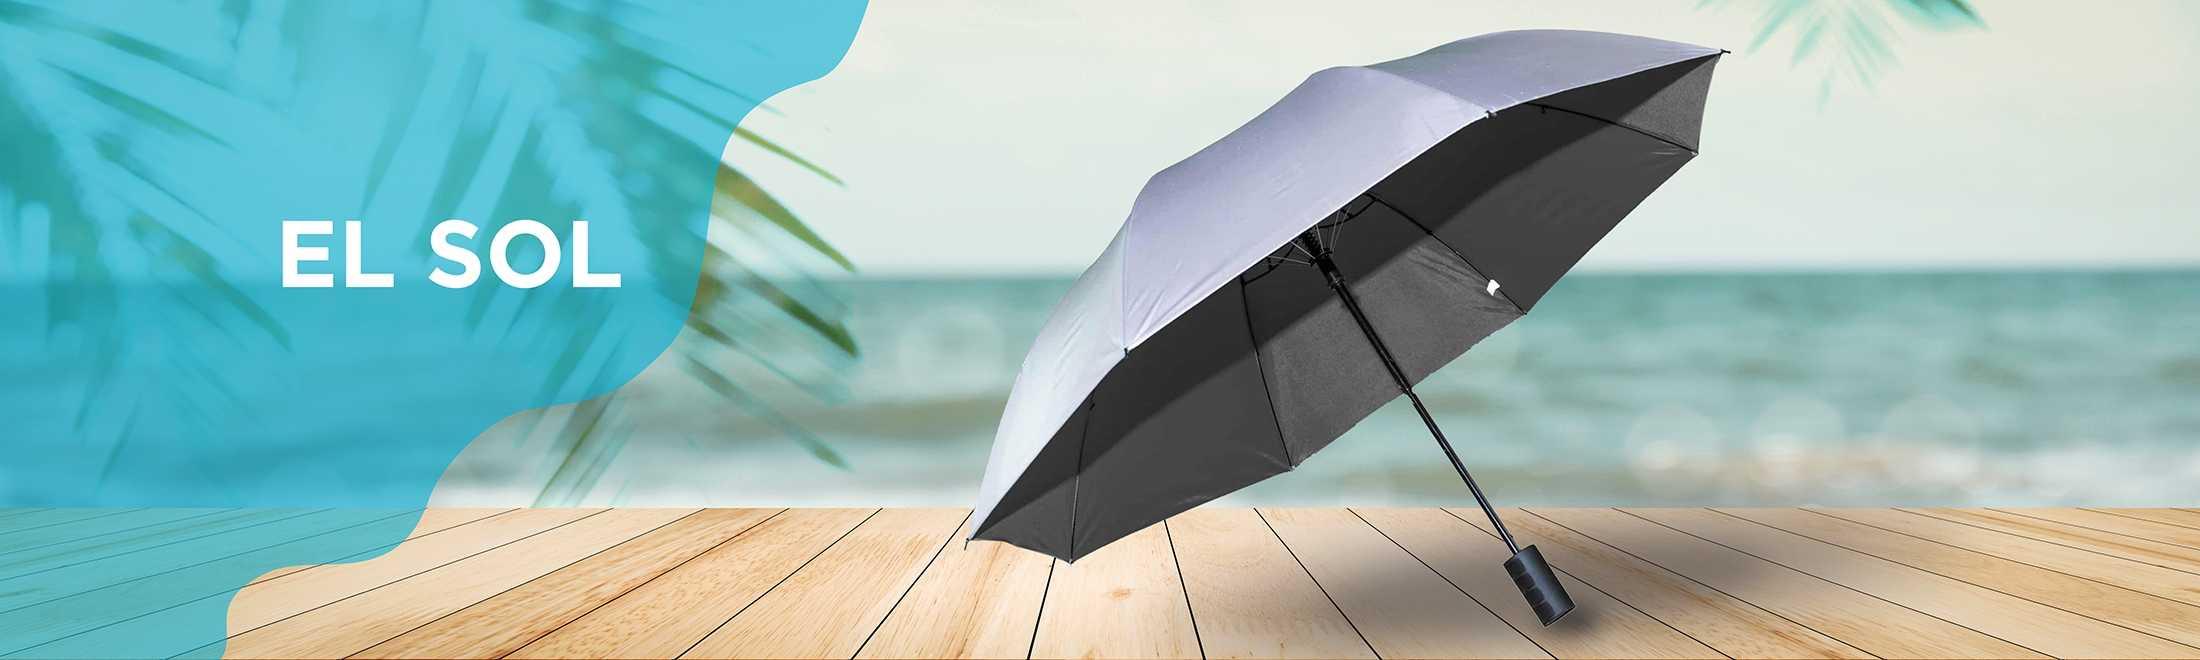 El Sol Umbrella AIM